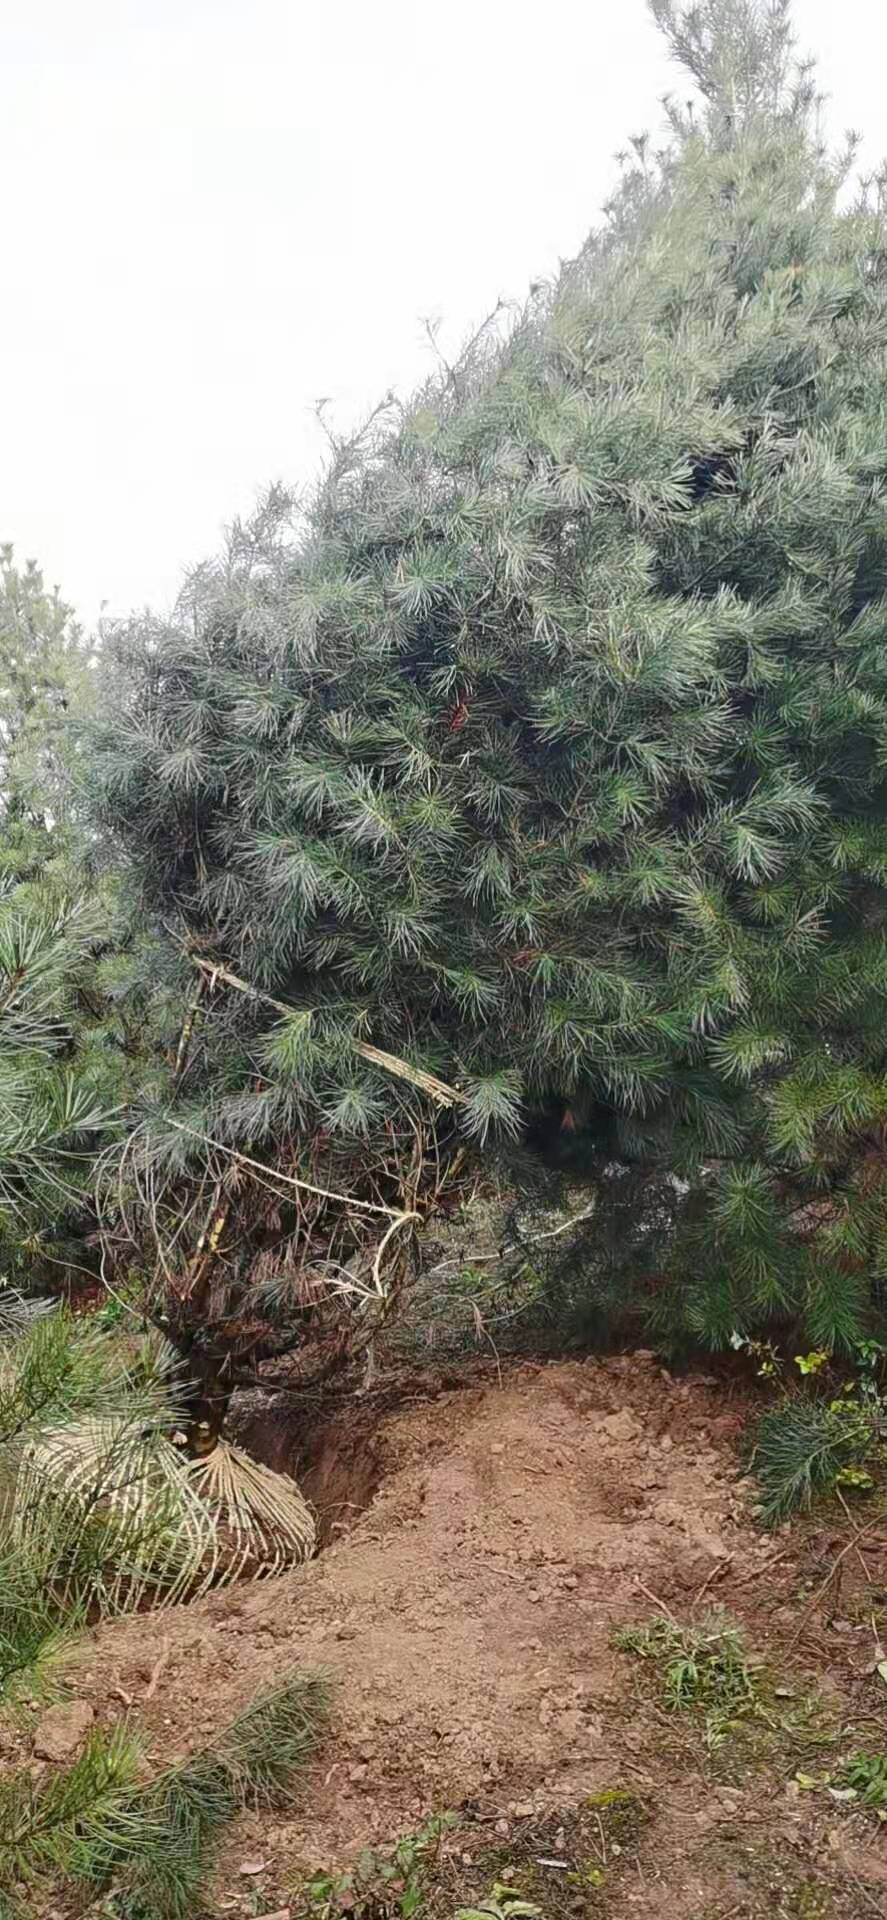 藍田3米白皮松栽培密度應該合理把控